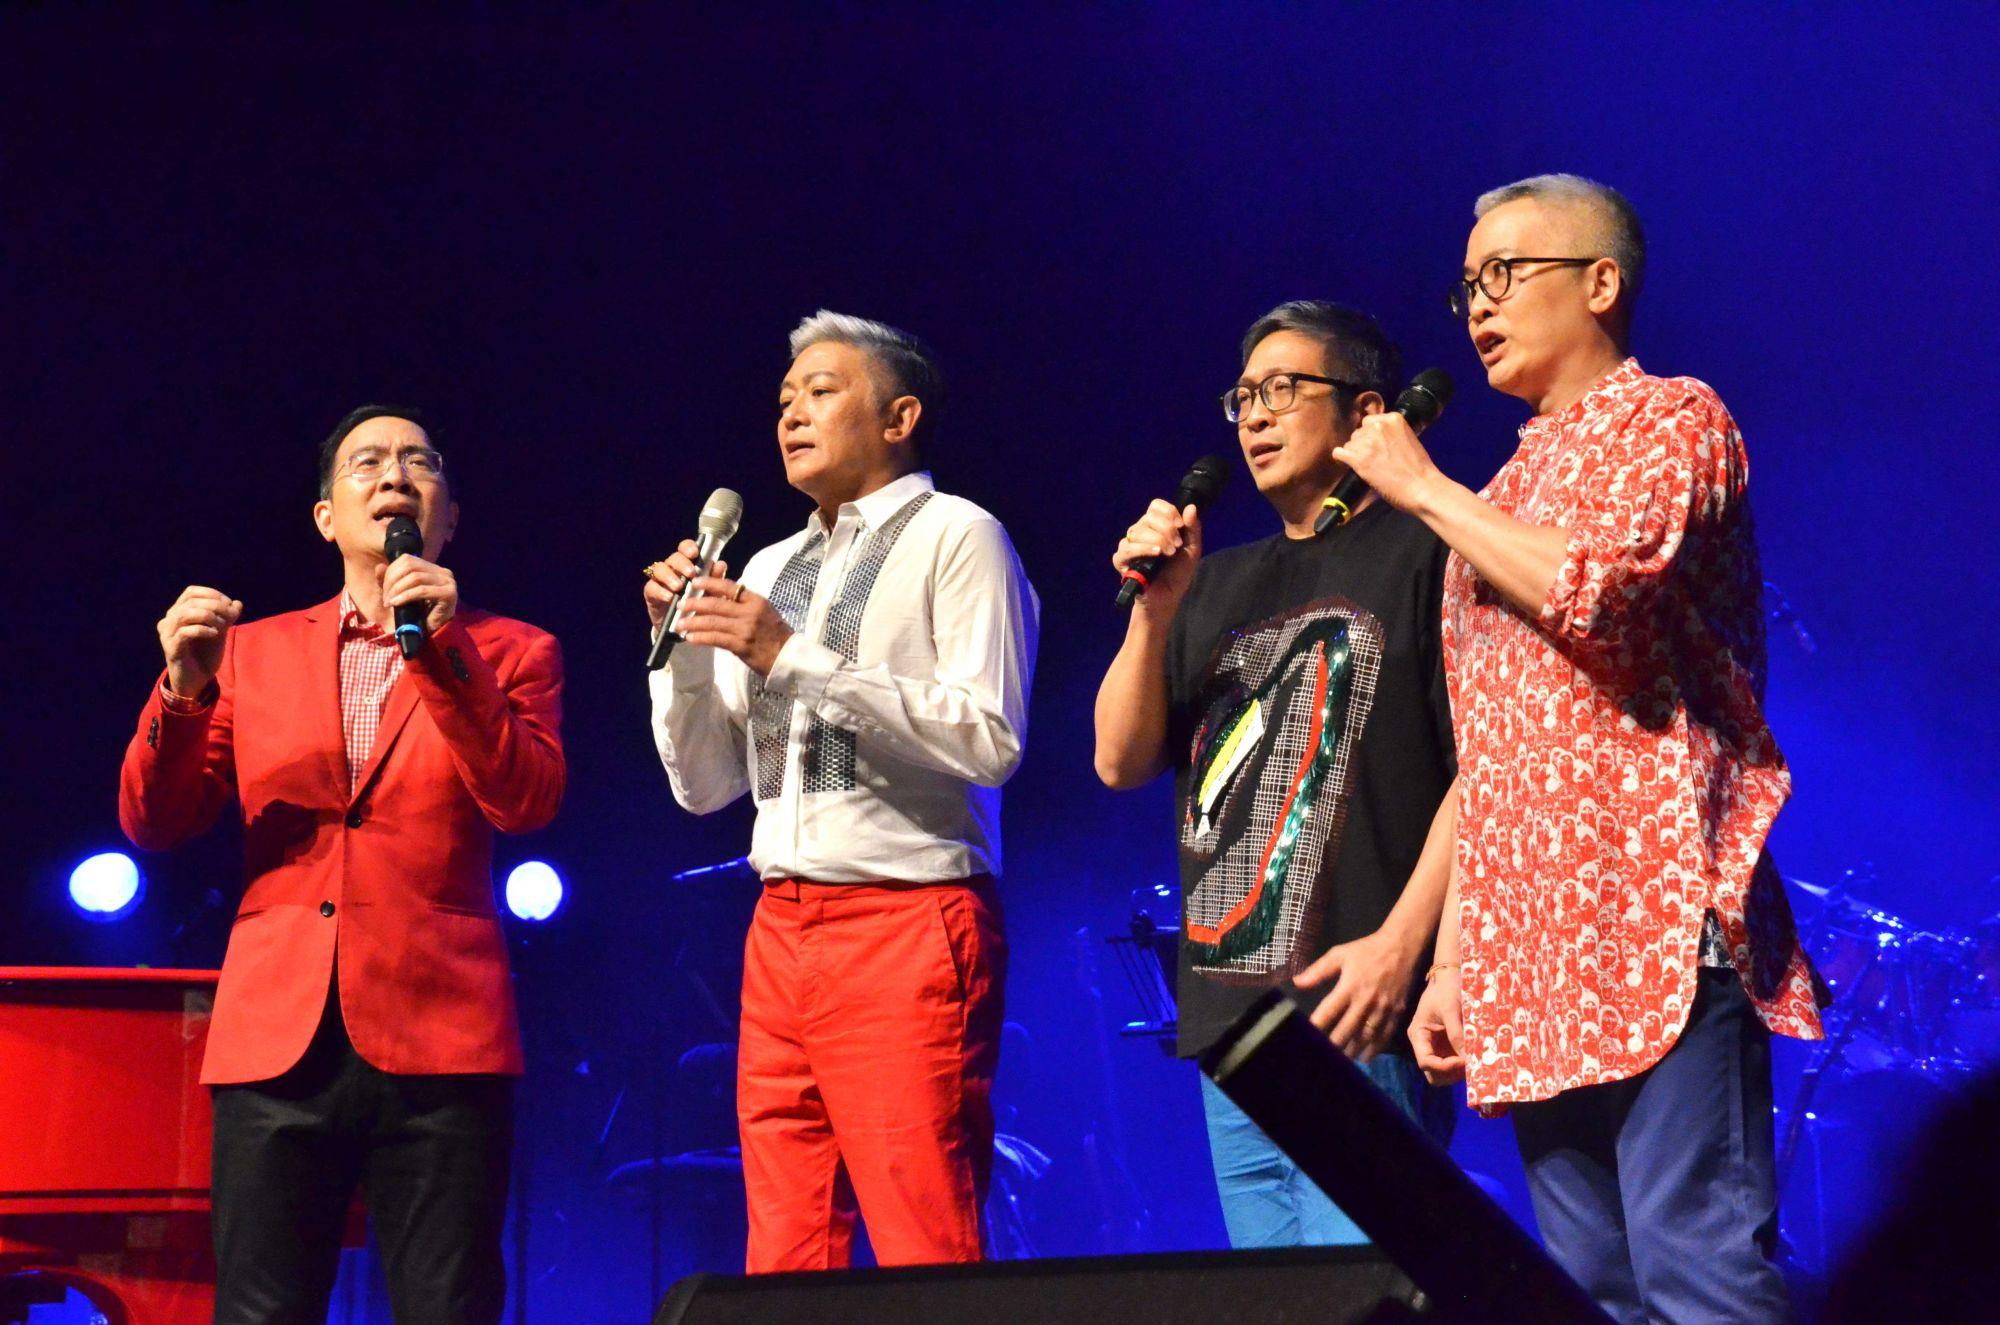 Peter Lee, Dick Lee, Andrew Lee, John Lee